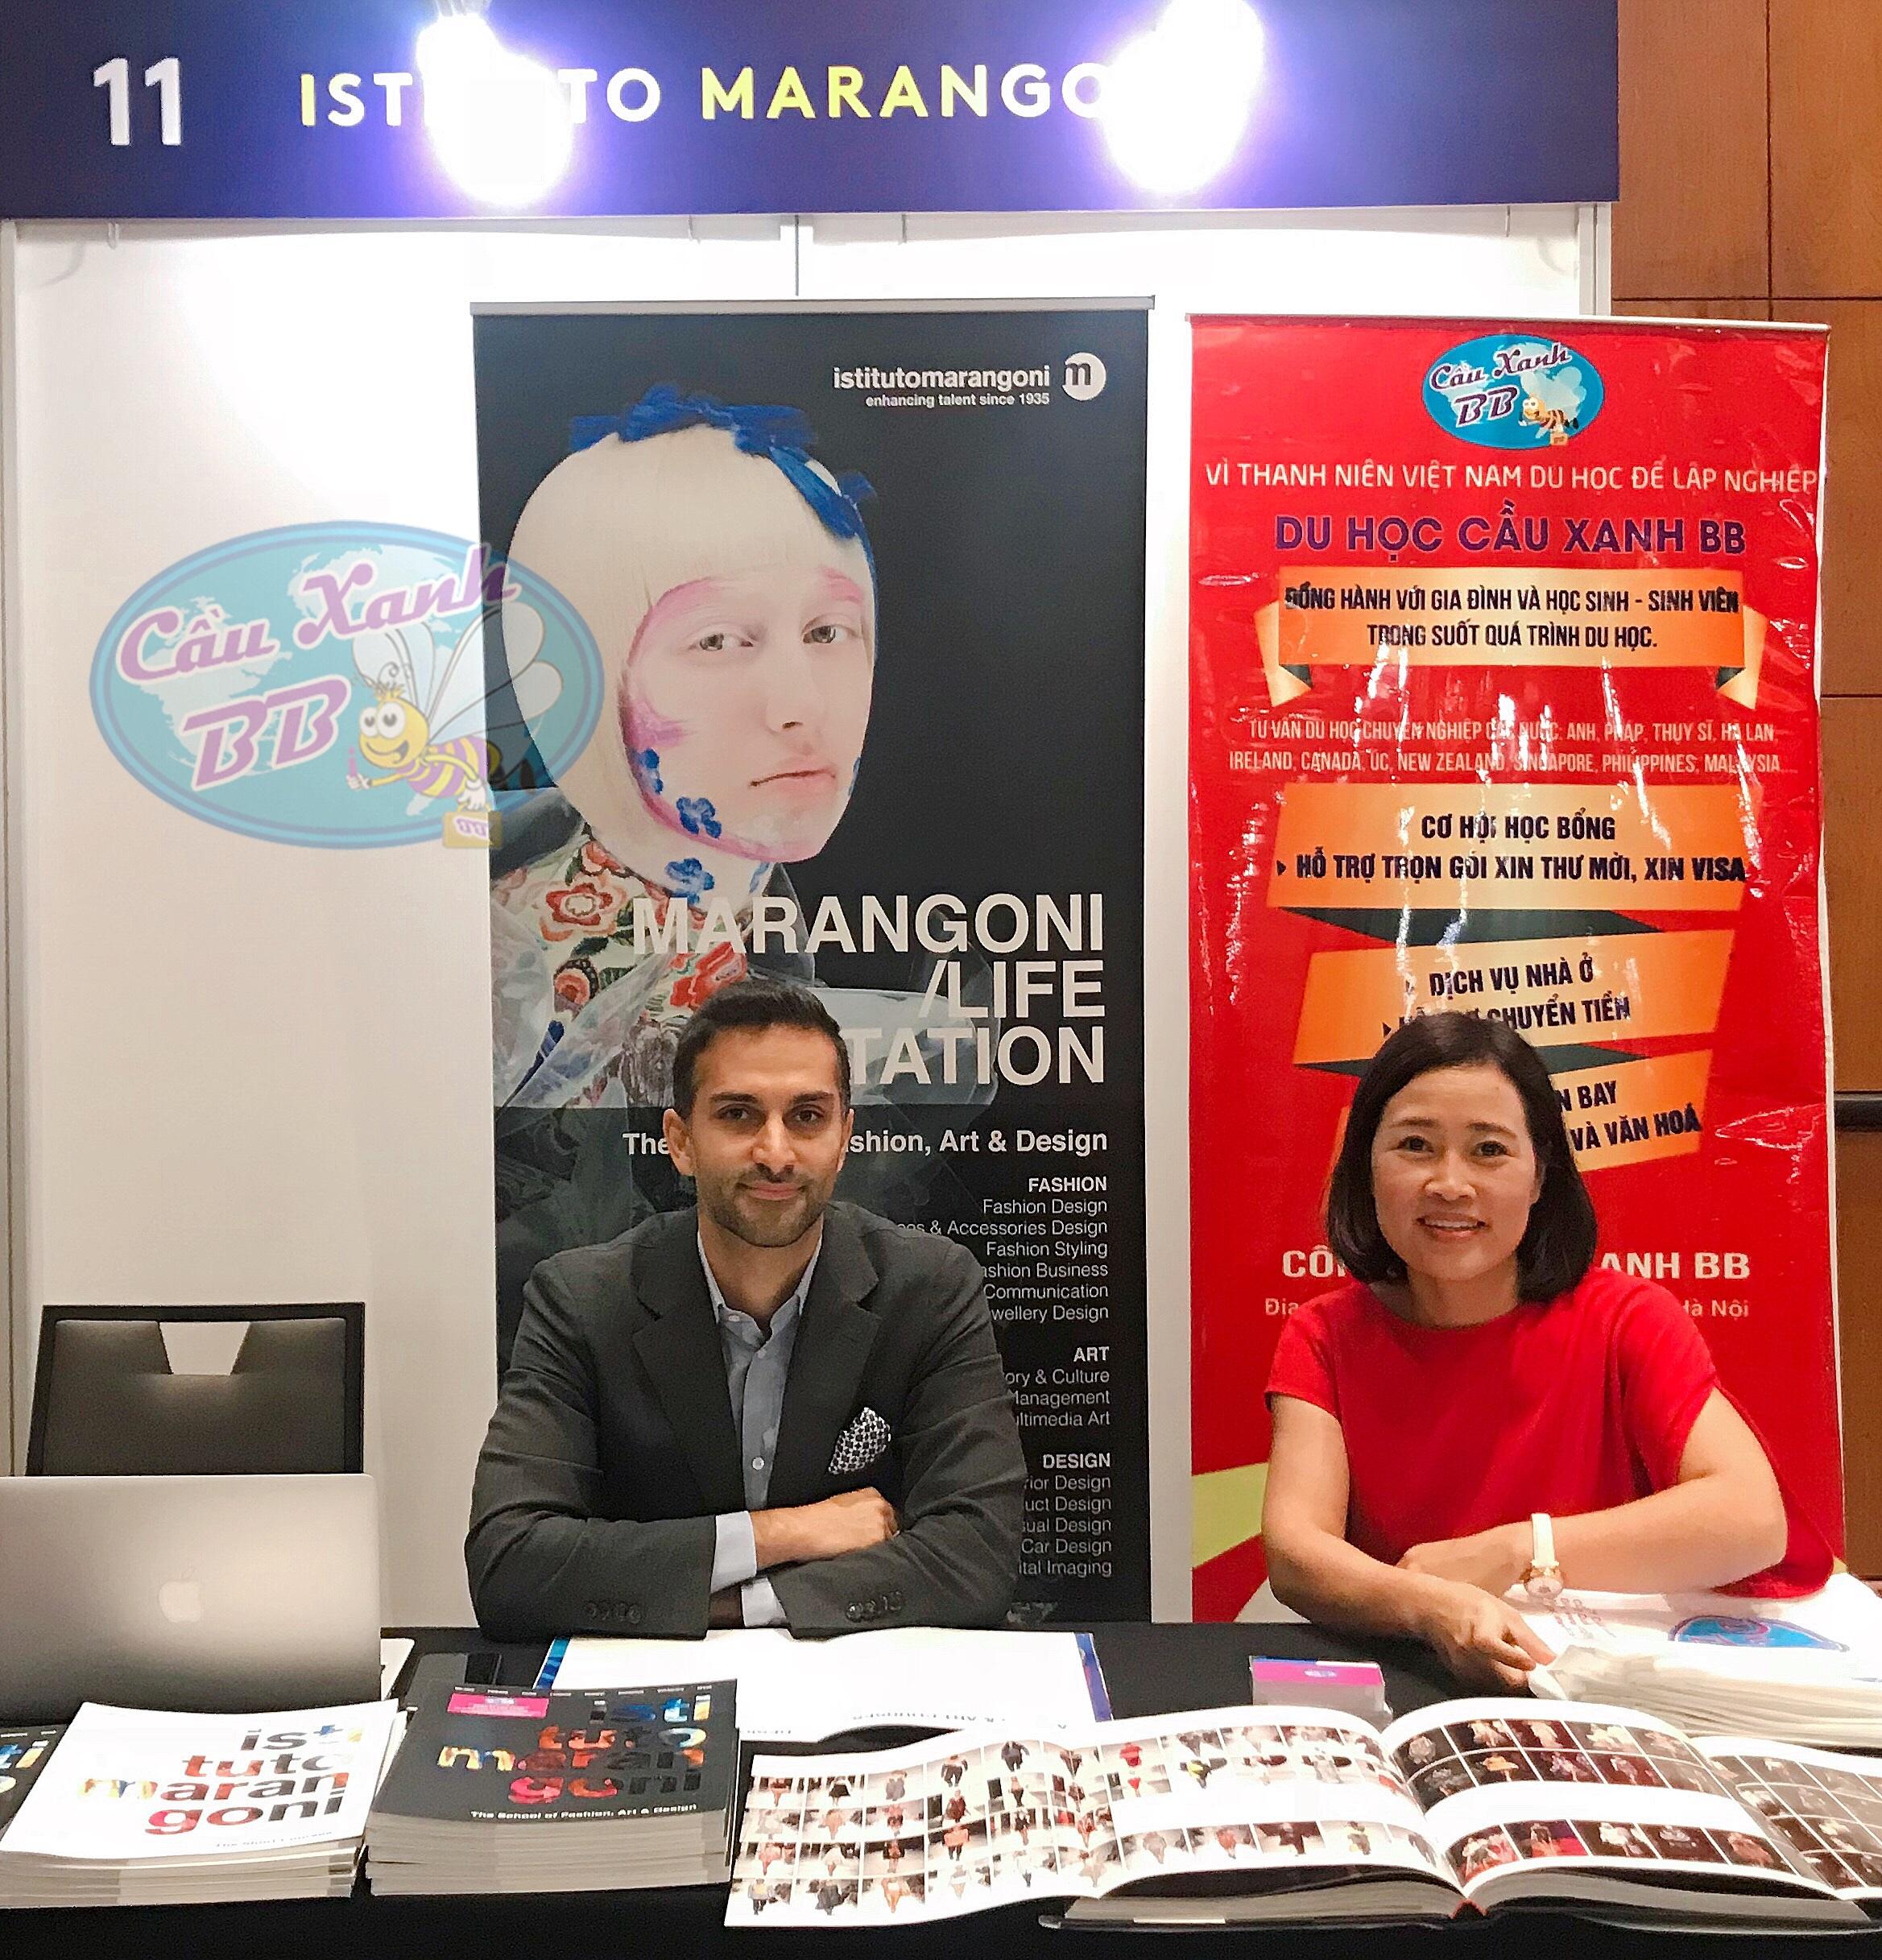 Cùng Marangoni, học viện thời trang hàng đầu thế giới tư vấn tuyển sinh